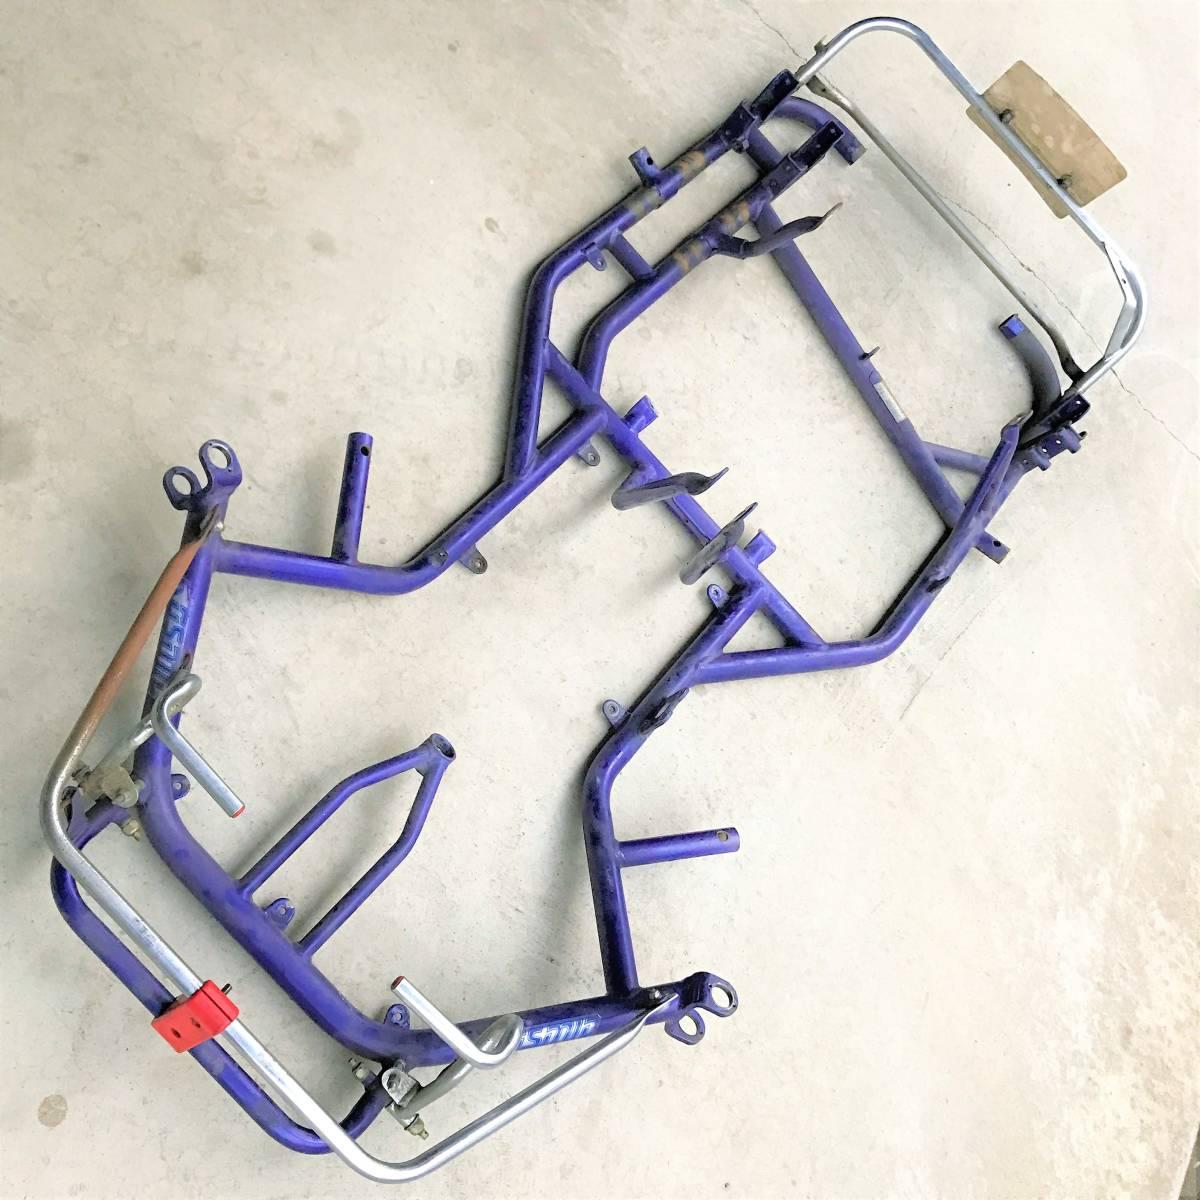 KOSMIC T4  рама  ... ... машина ... кузов   racing   машина ... ... машина ...  еще  можно использовать   рама      хотел бы передать из рук в руки ... просто  ...